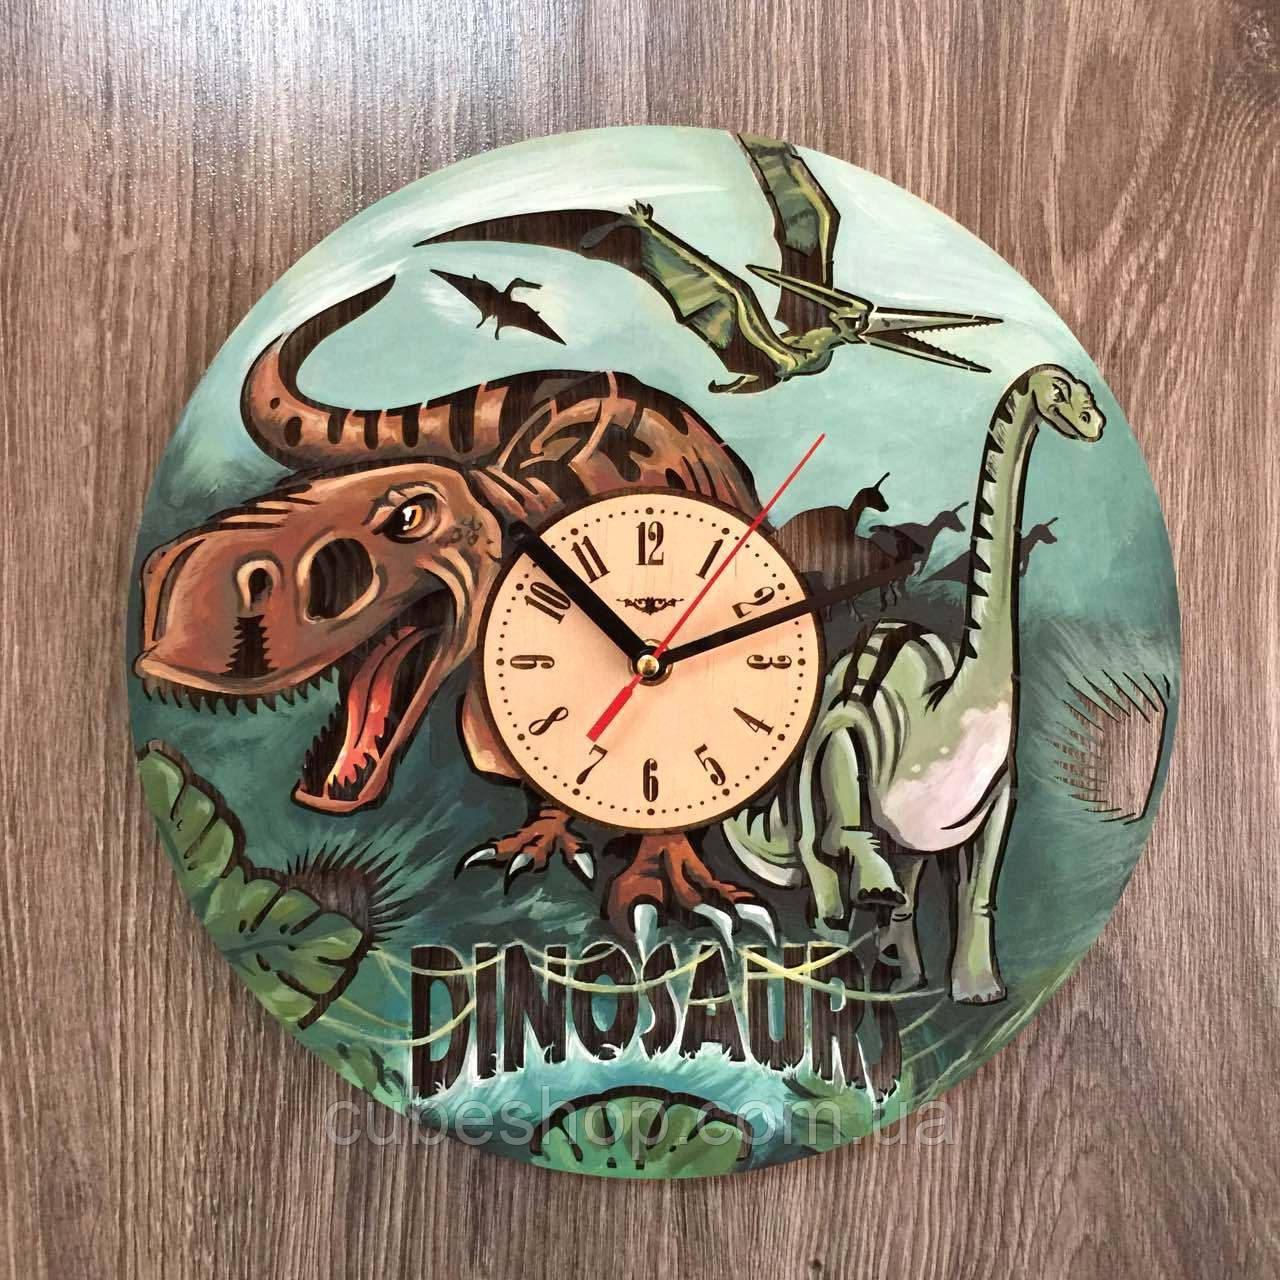 Цветные детские настенные часы Эпоха динозавров